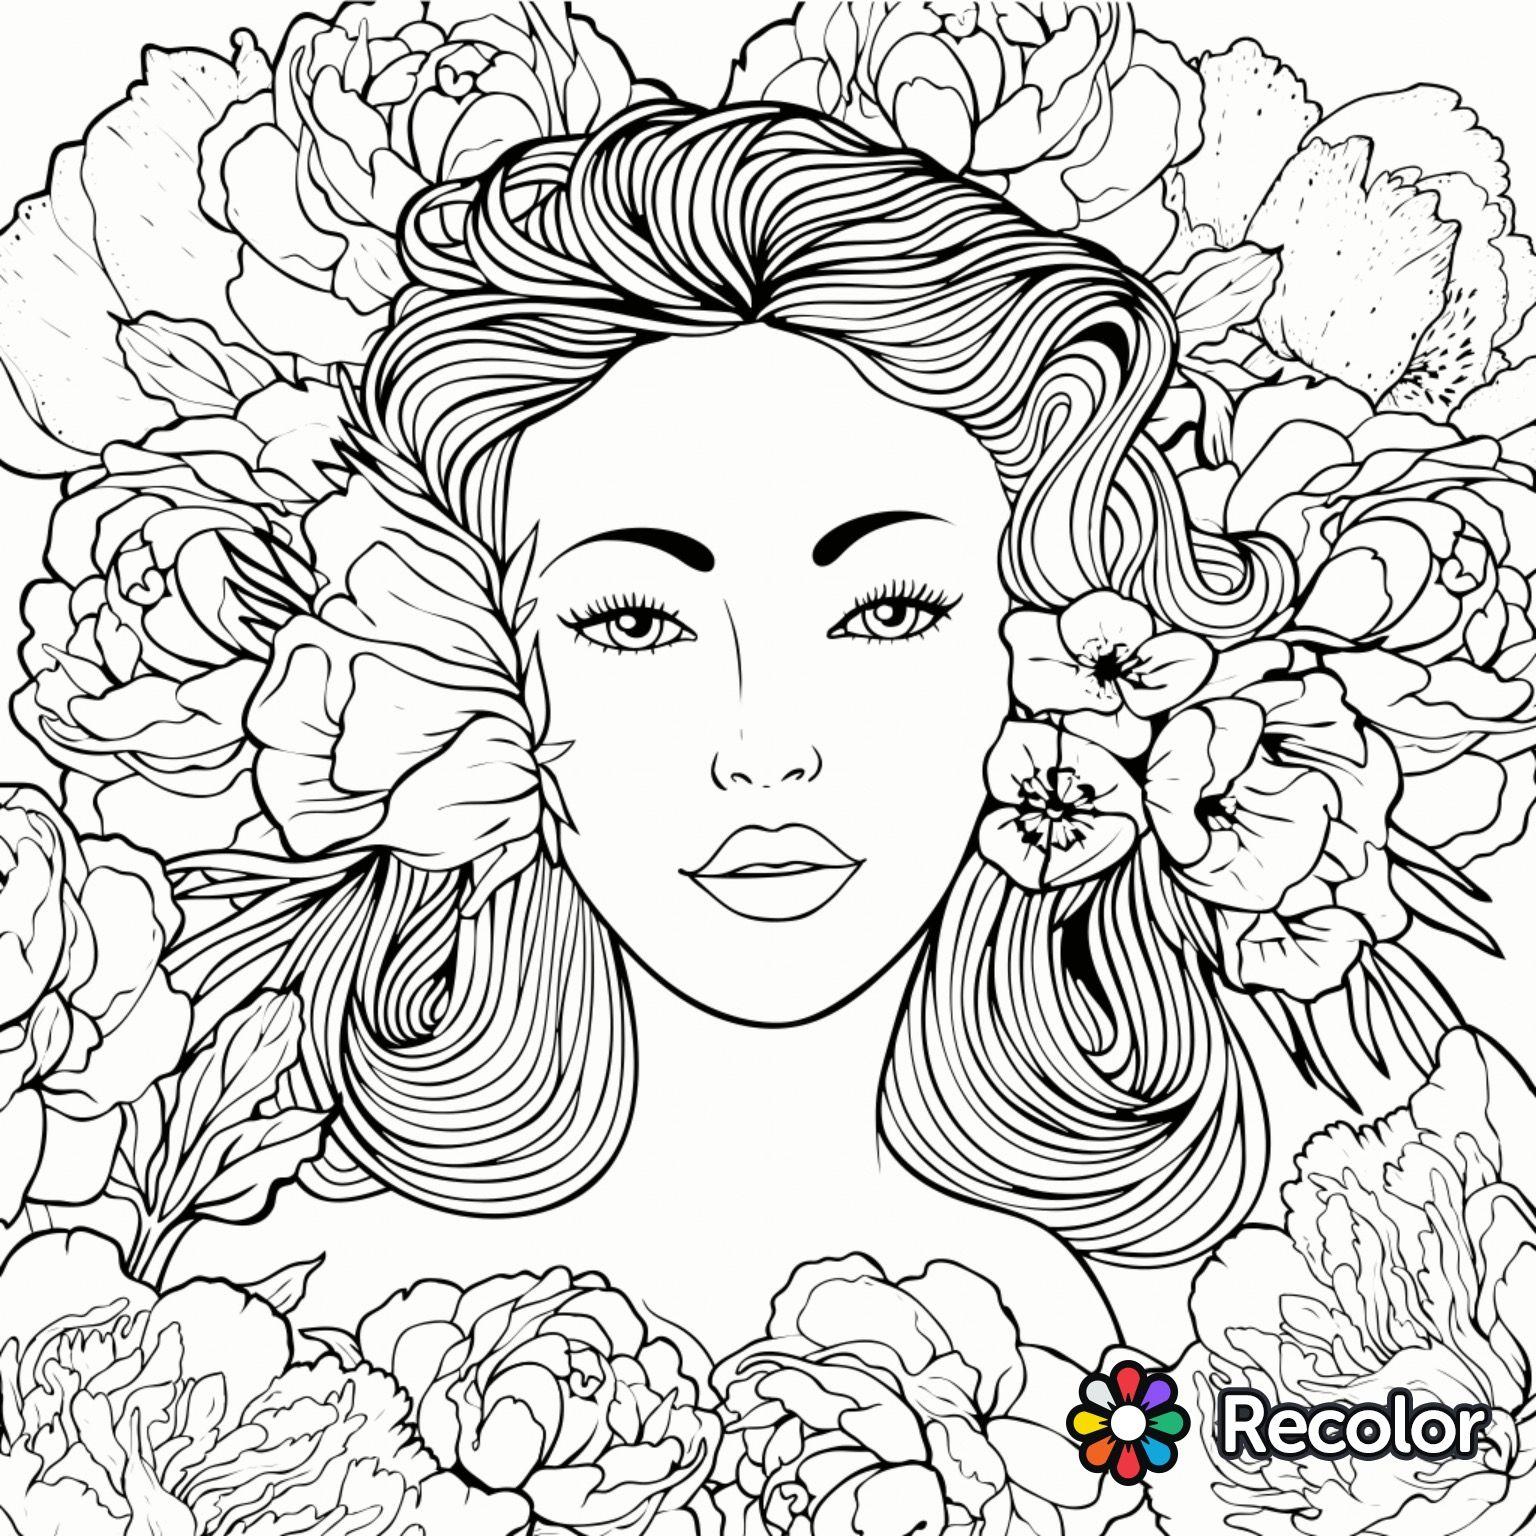 Beauty Coloring Page Recolor App Disegni Da Colorare Pagine Da Colorare Per Adulti Immagini